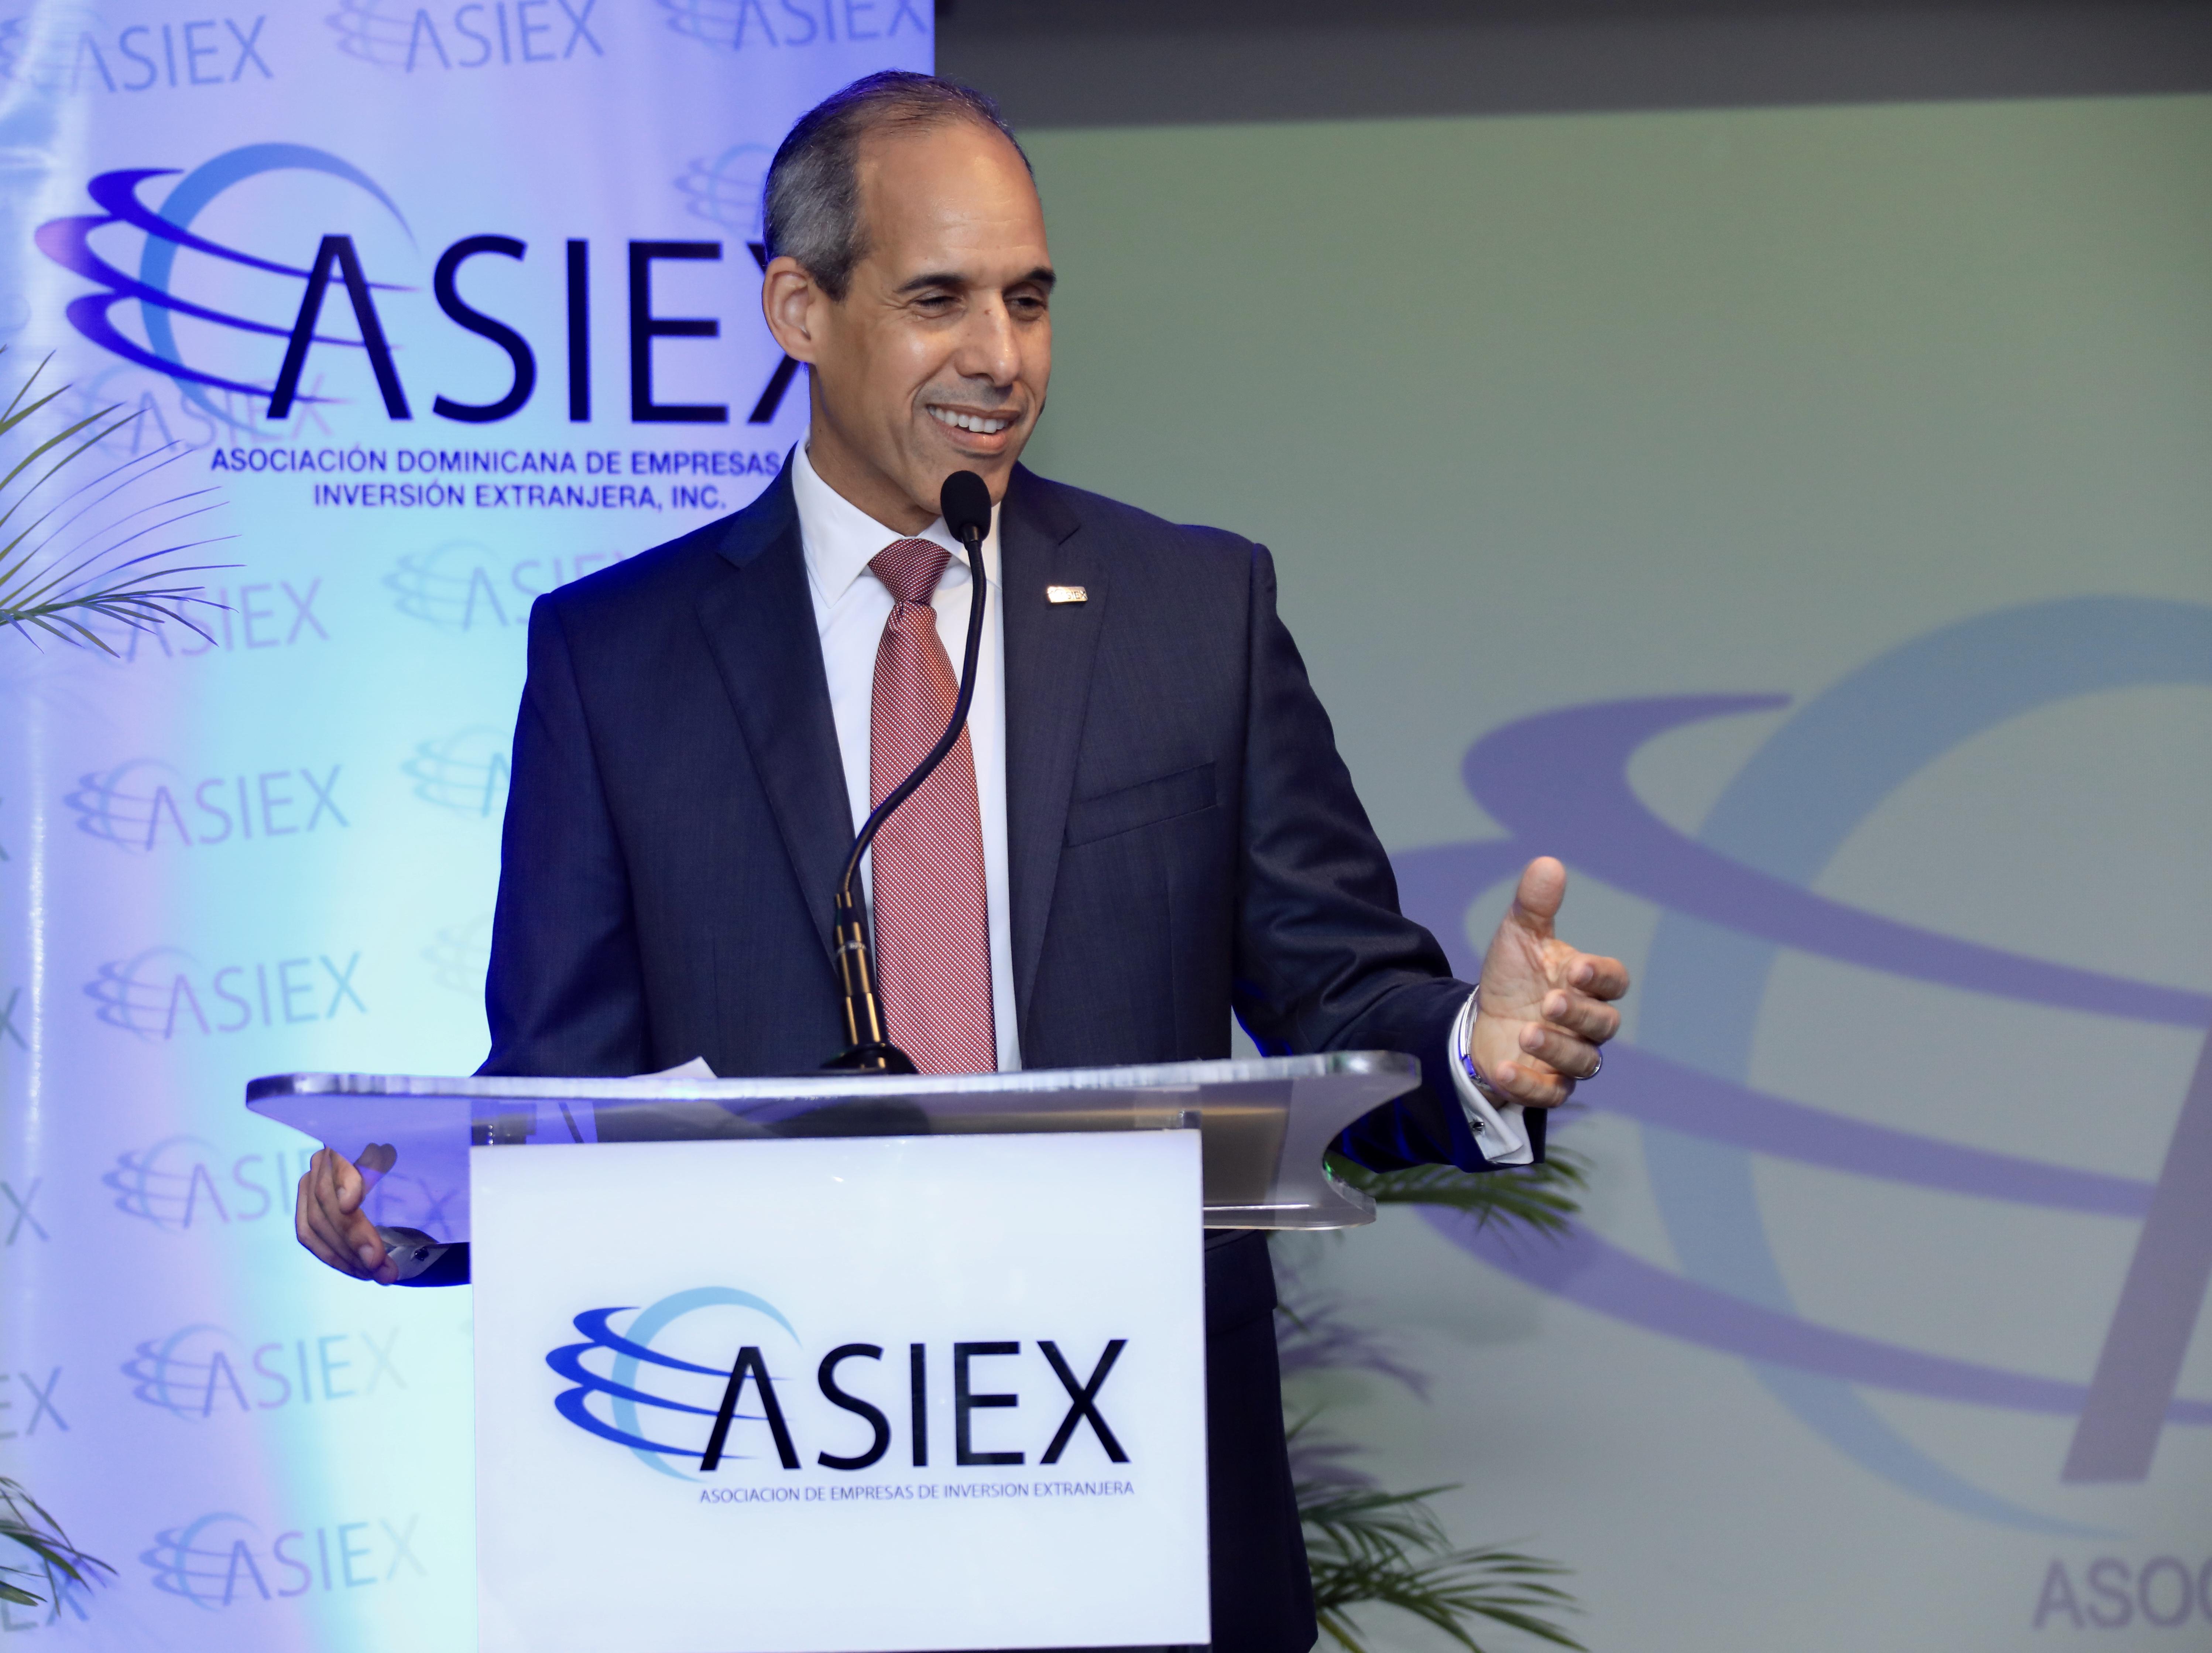 ASIEX felicita al presidente Luis Abinader en su juramentación